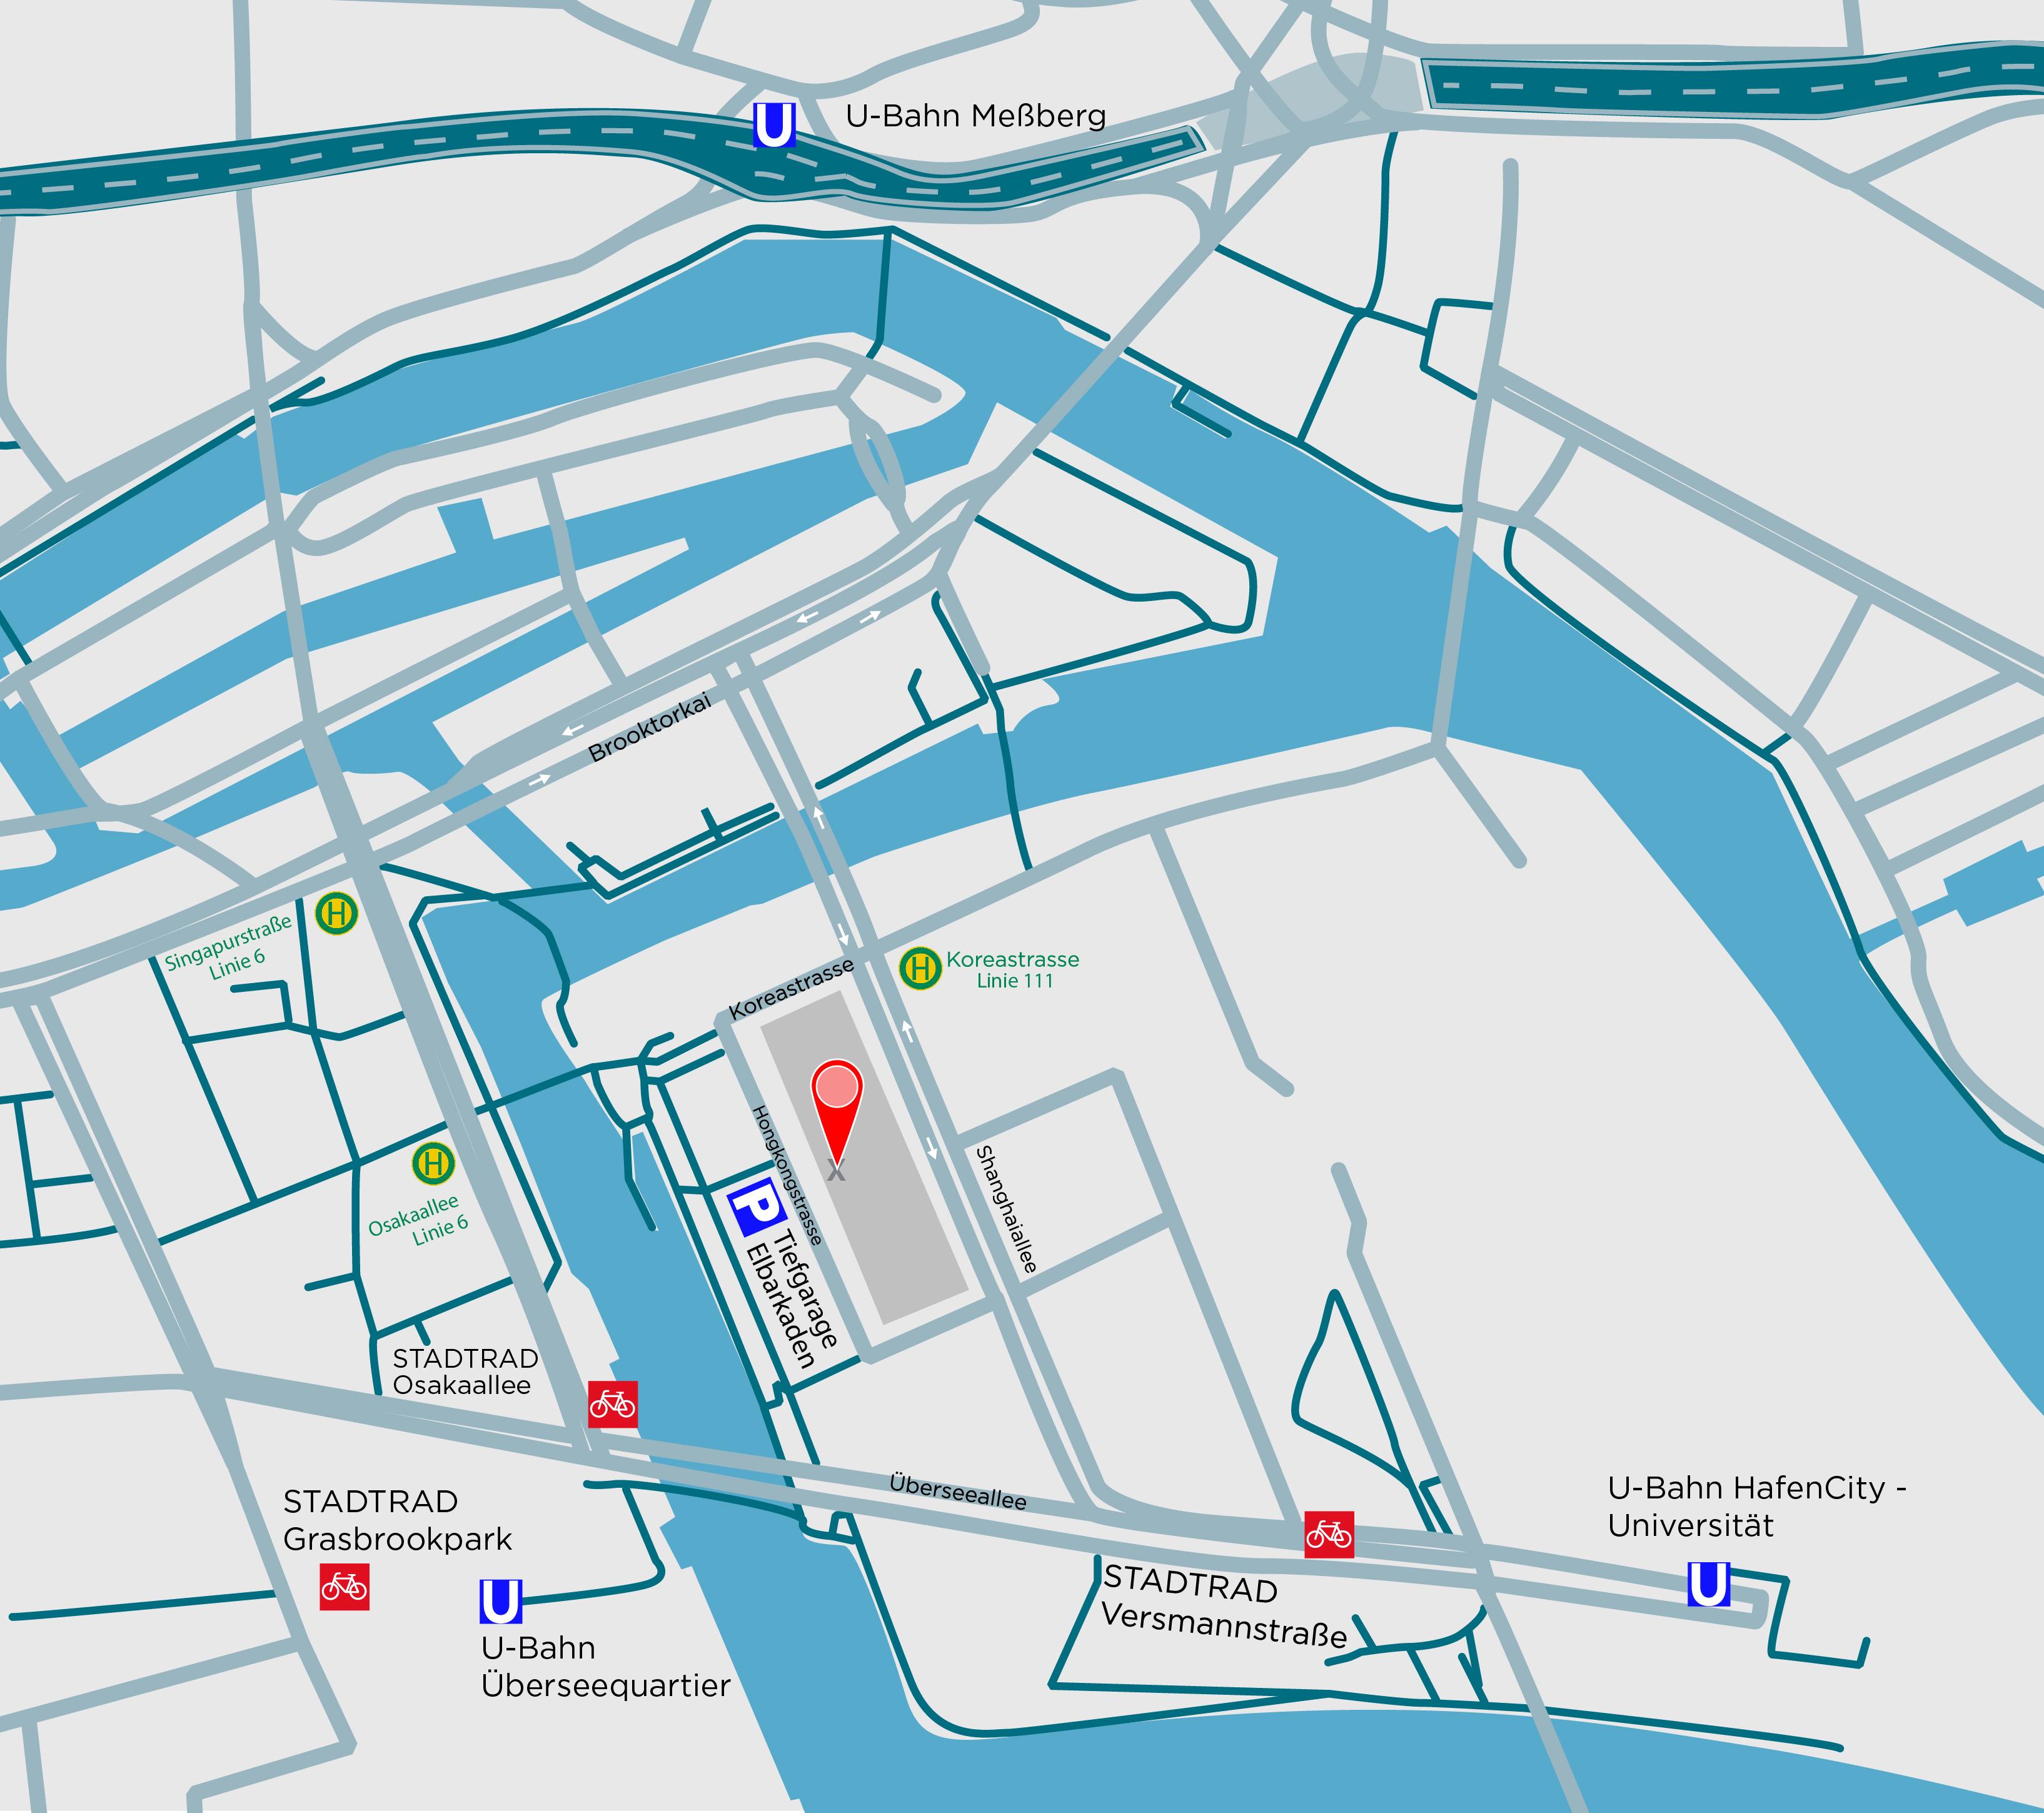 150527_PP_Anfahrt-Karte